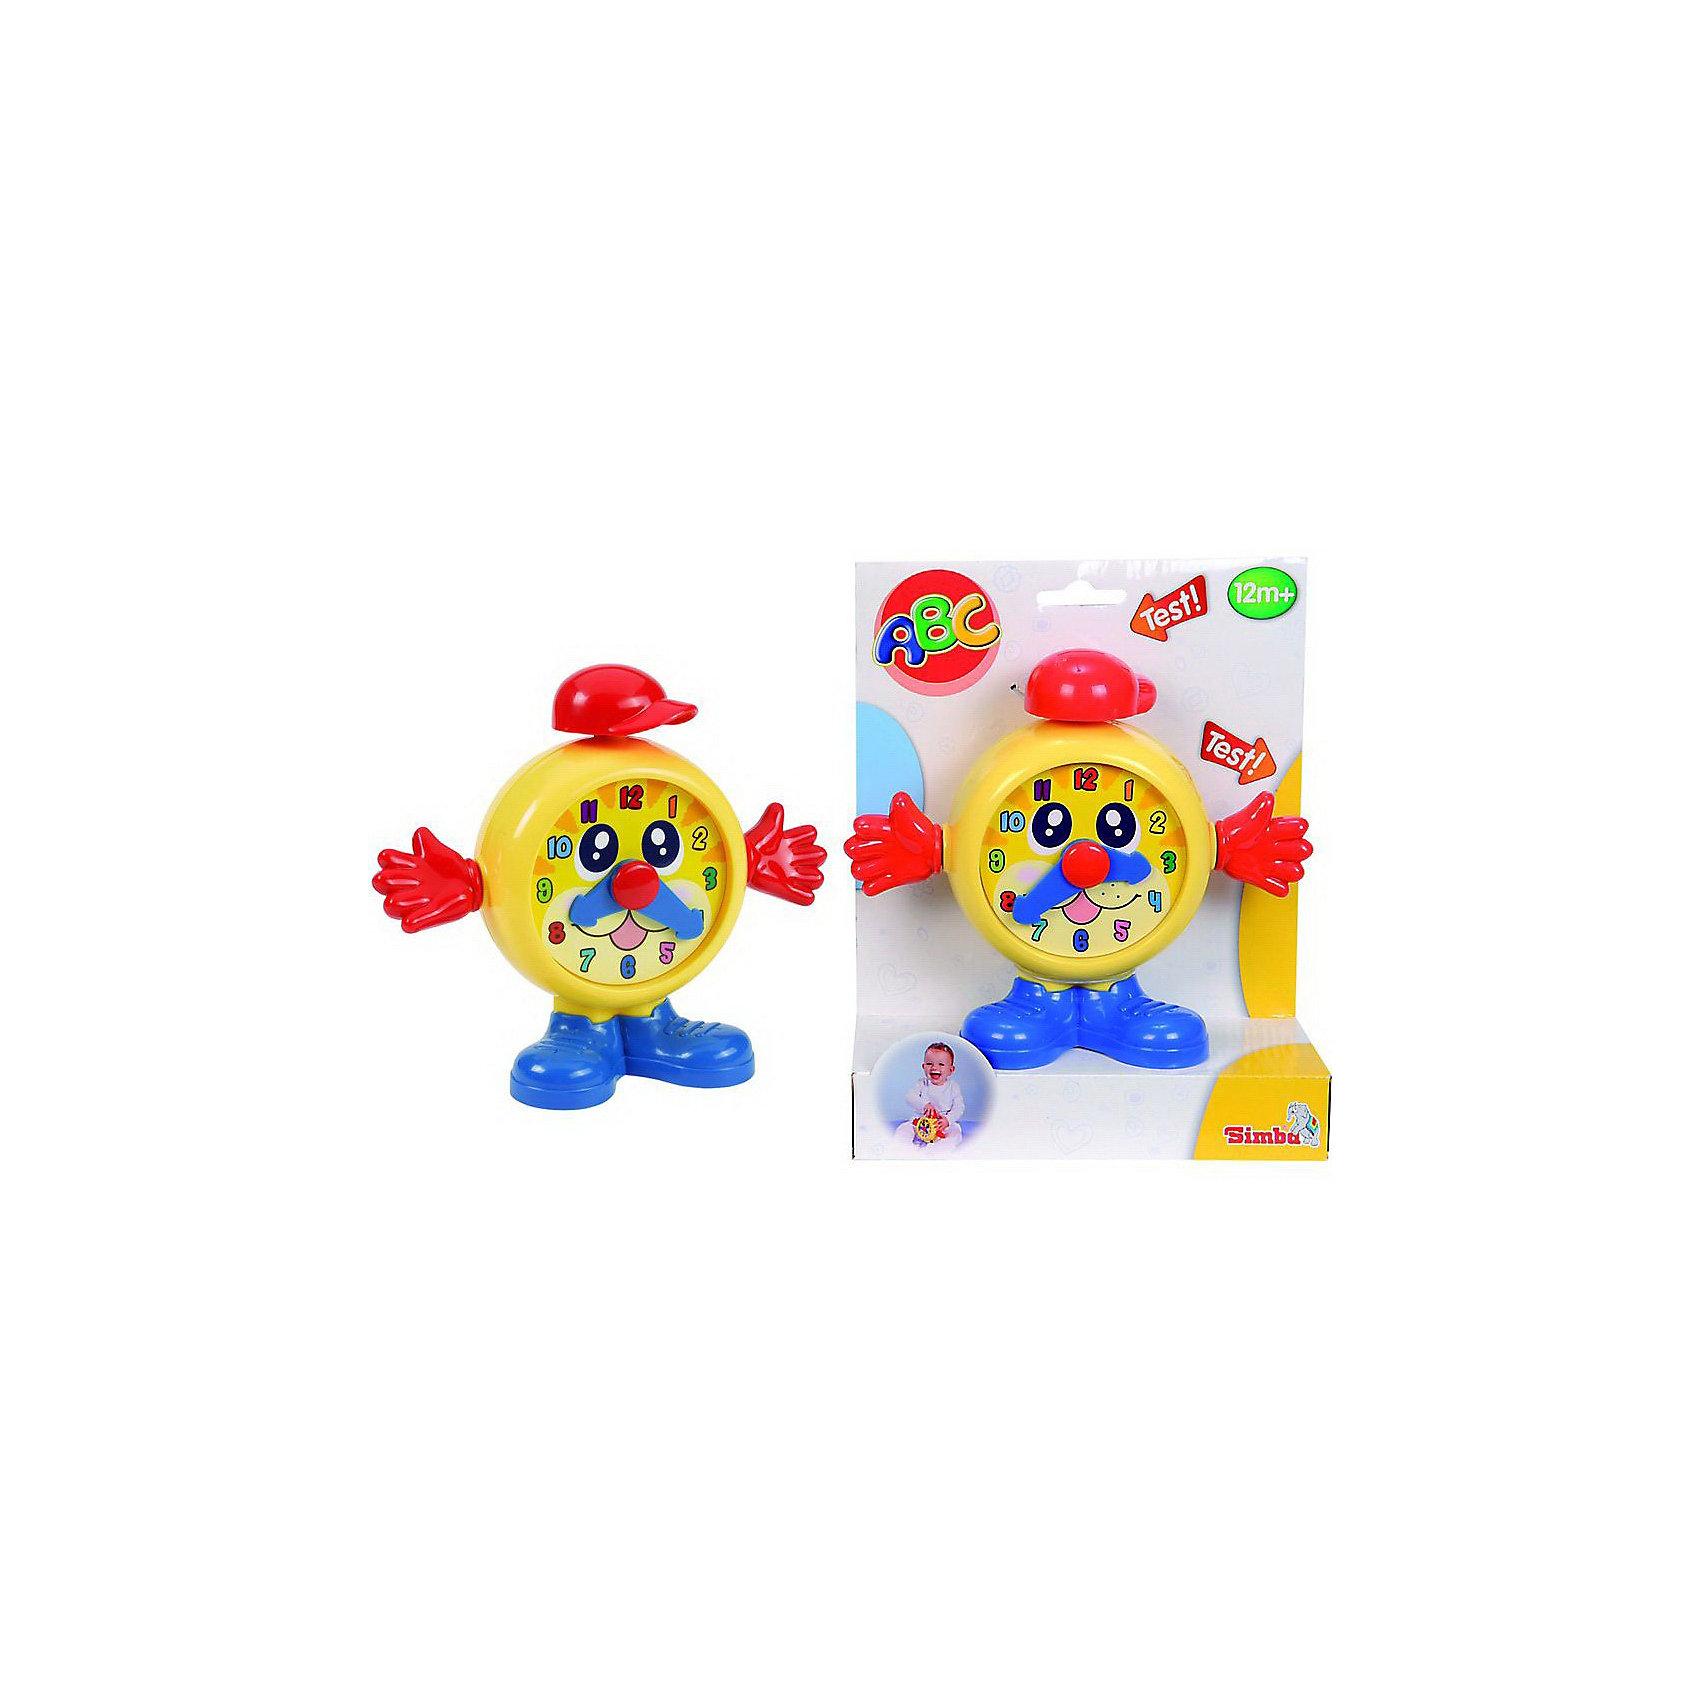 Часики 19 см, SimbaРазвивающие игрушки<br>Веселые часы-будильник сделают пробуждение малыша веселым и радостным, а также научат пользоваться часами. Ручки и стрелочки будильника крутятся, а при нажатии на шапочку издается веселый звук.<br><br>Дополнительная информация:<br><br>- Материал пластмасса.<br>- Размер игрушки: 19 см.<br>- Размер упаковки: 19 х 7 х 23,6 см.<br><br>Часики 19 см, Simba (Симба) можно в нашем магазине.<br><br>Ширина мм: 190<br>Глубина мм: 70<br>Высота мм: 240<br>Вес г: 268<br>Возраст от месяцев: 12<br>Возраст до месяцев: 60<br>Пол: Унисекс<br>Возраст: Детский<br>SKU: 2497501